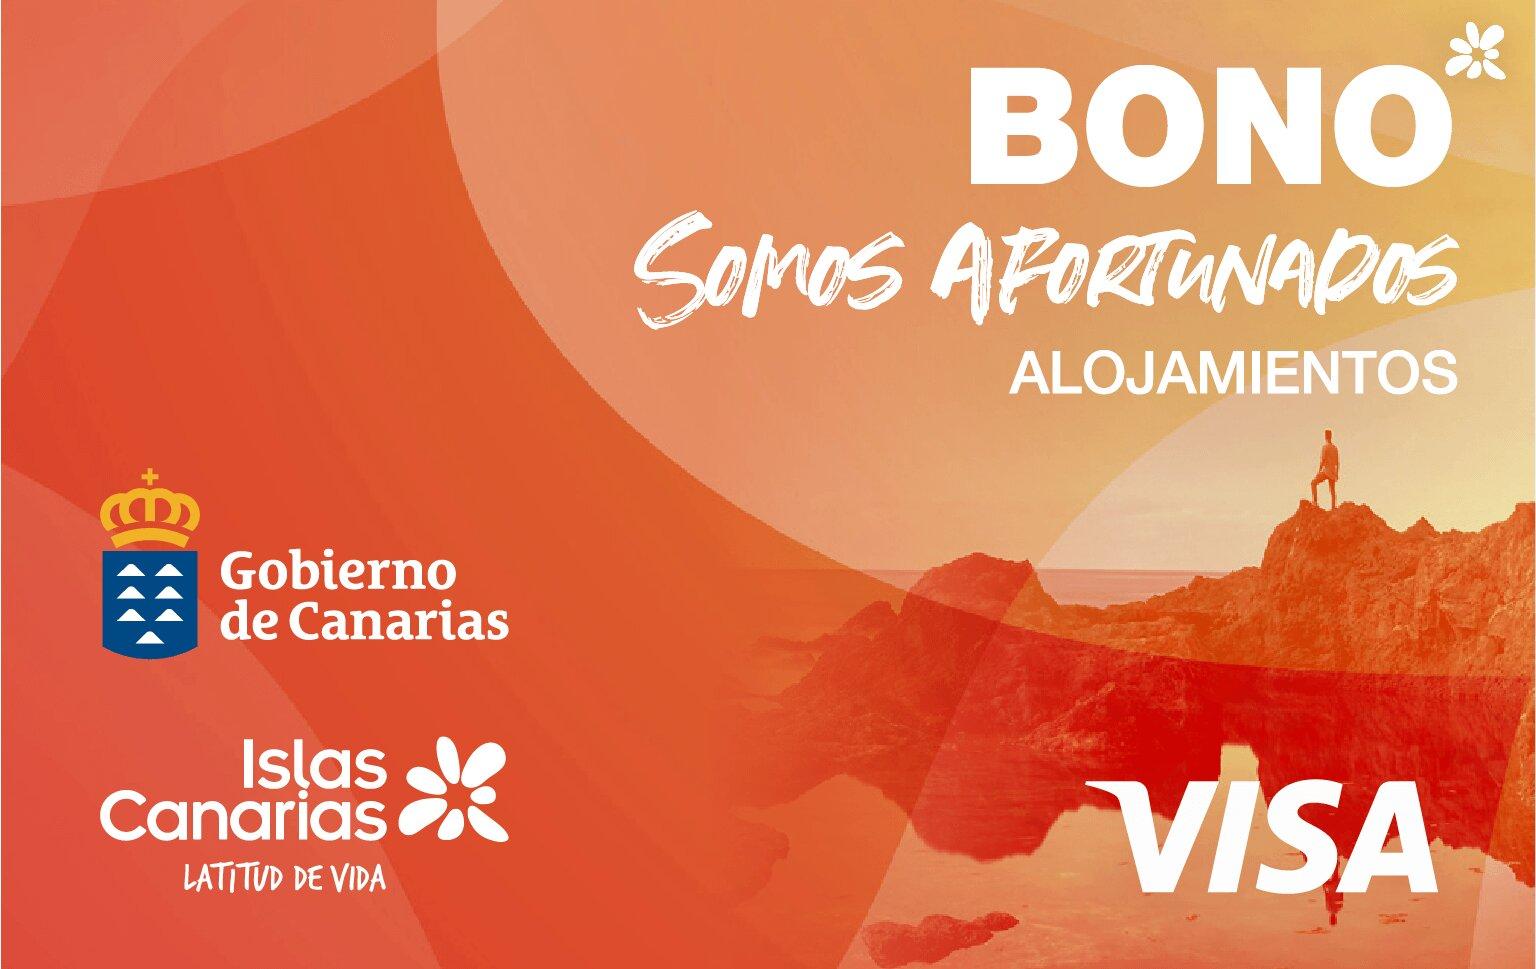 Turismo inicia la activación de las tarjetas de los bonos que estarán disponibles a finales de la próxima semana